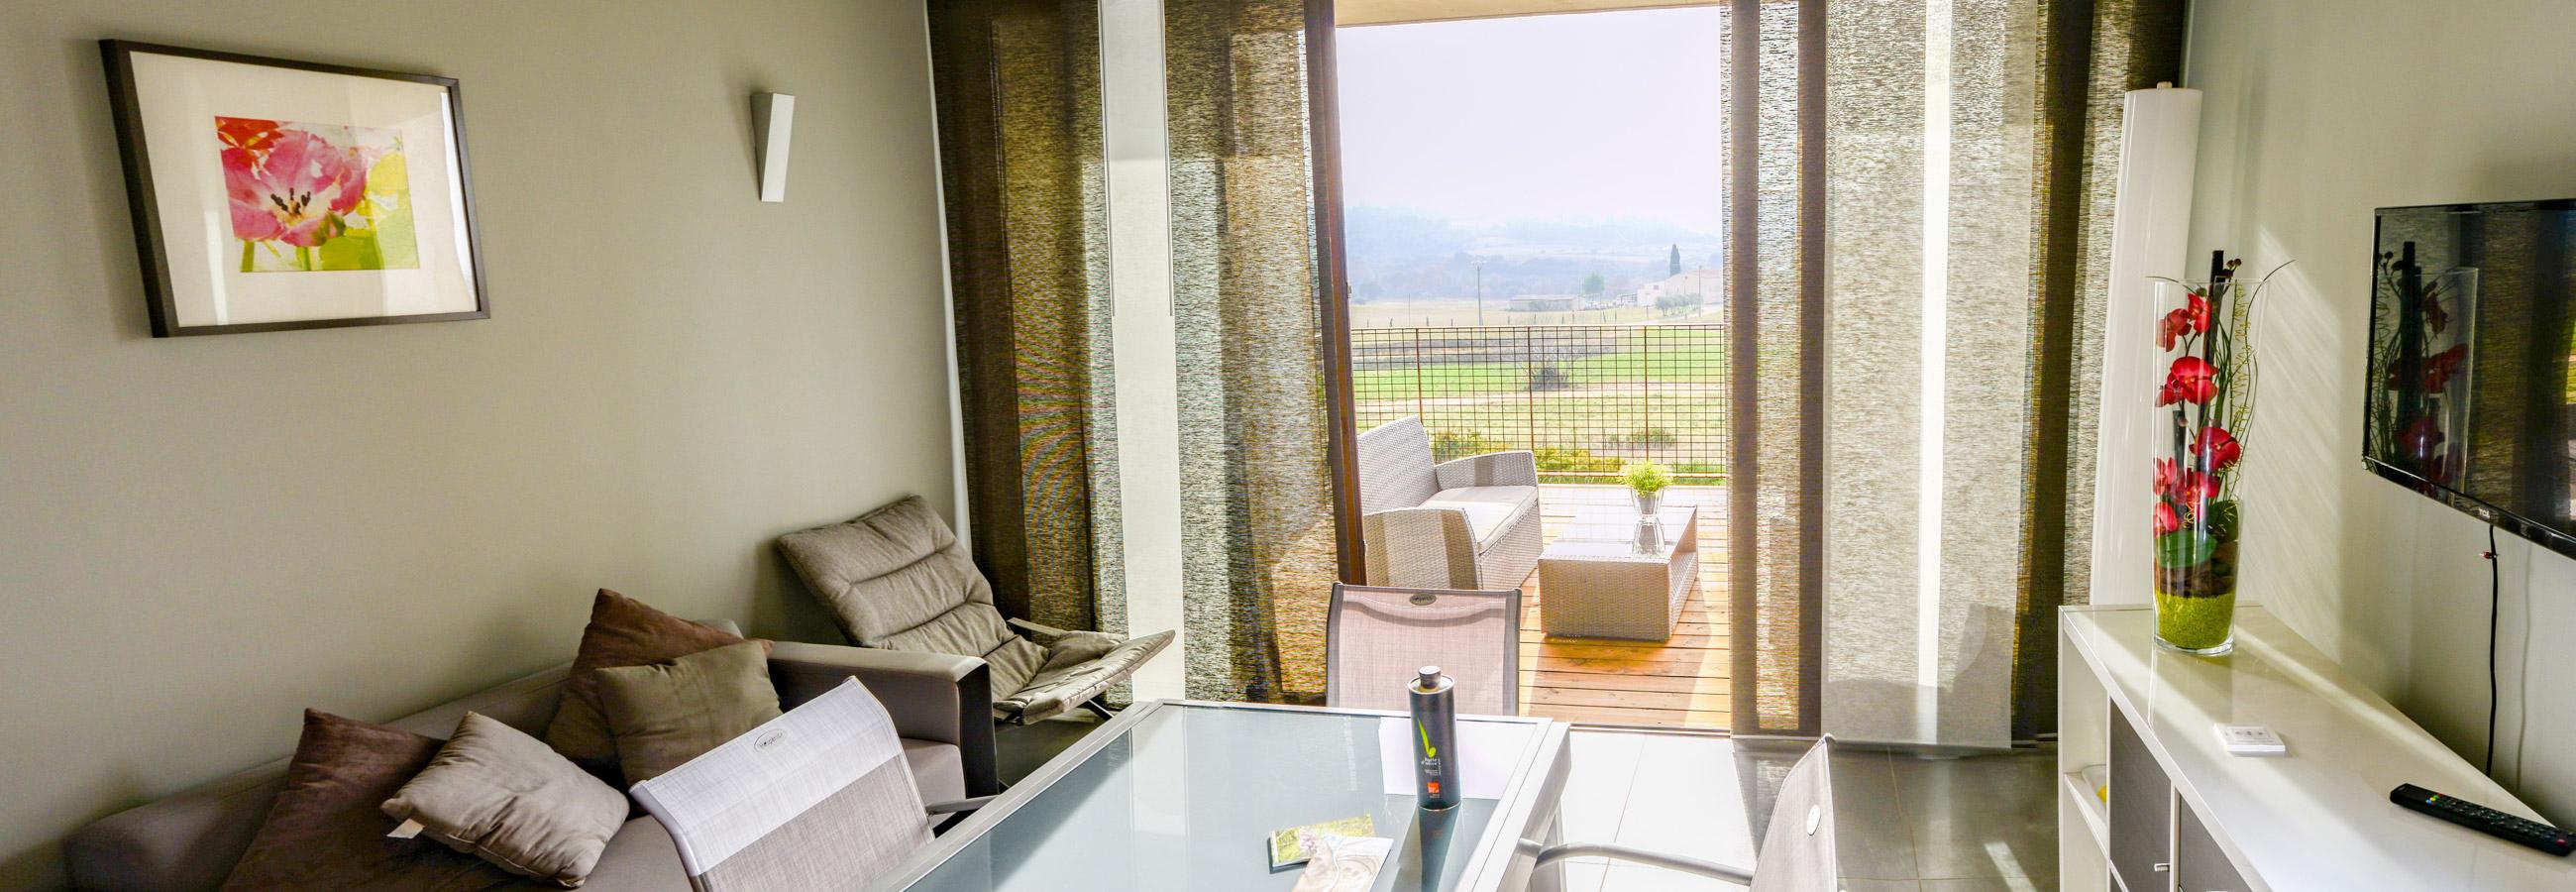 Salon équipé d'une télévision et d'un accès wifi gratuit pour vos vacances